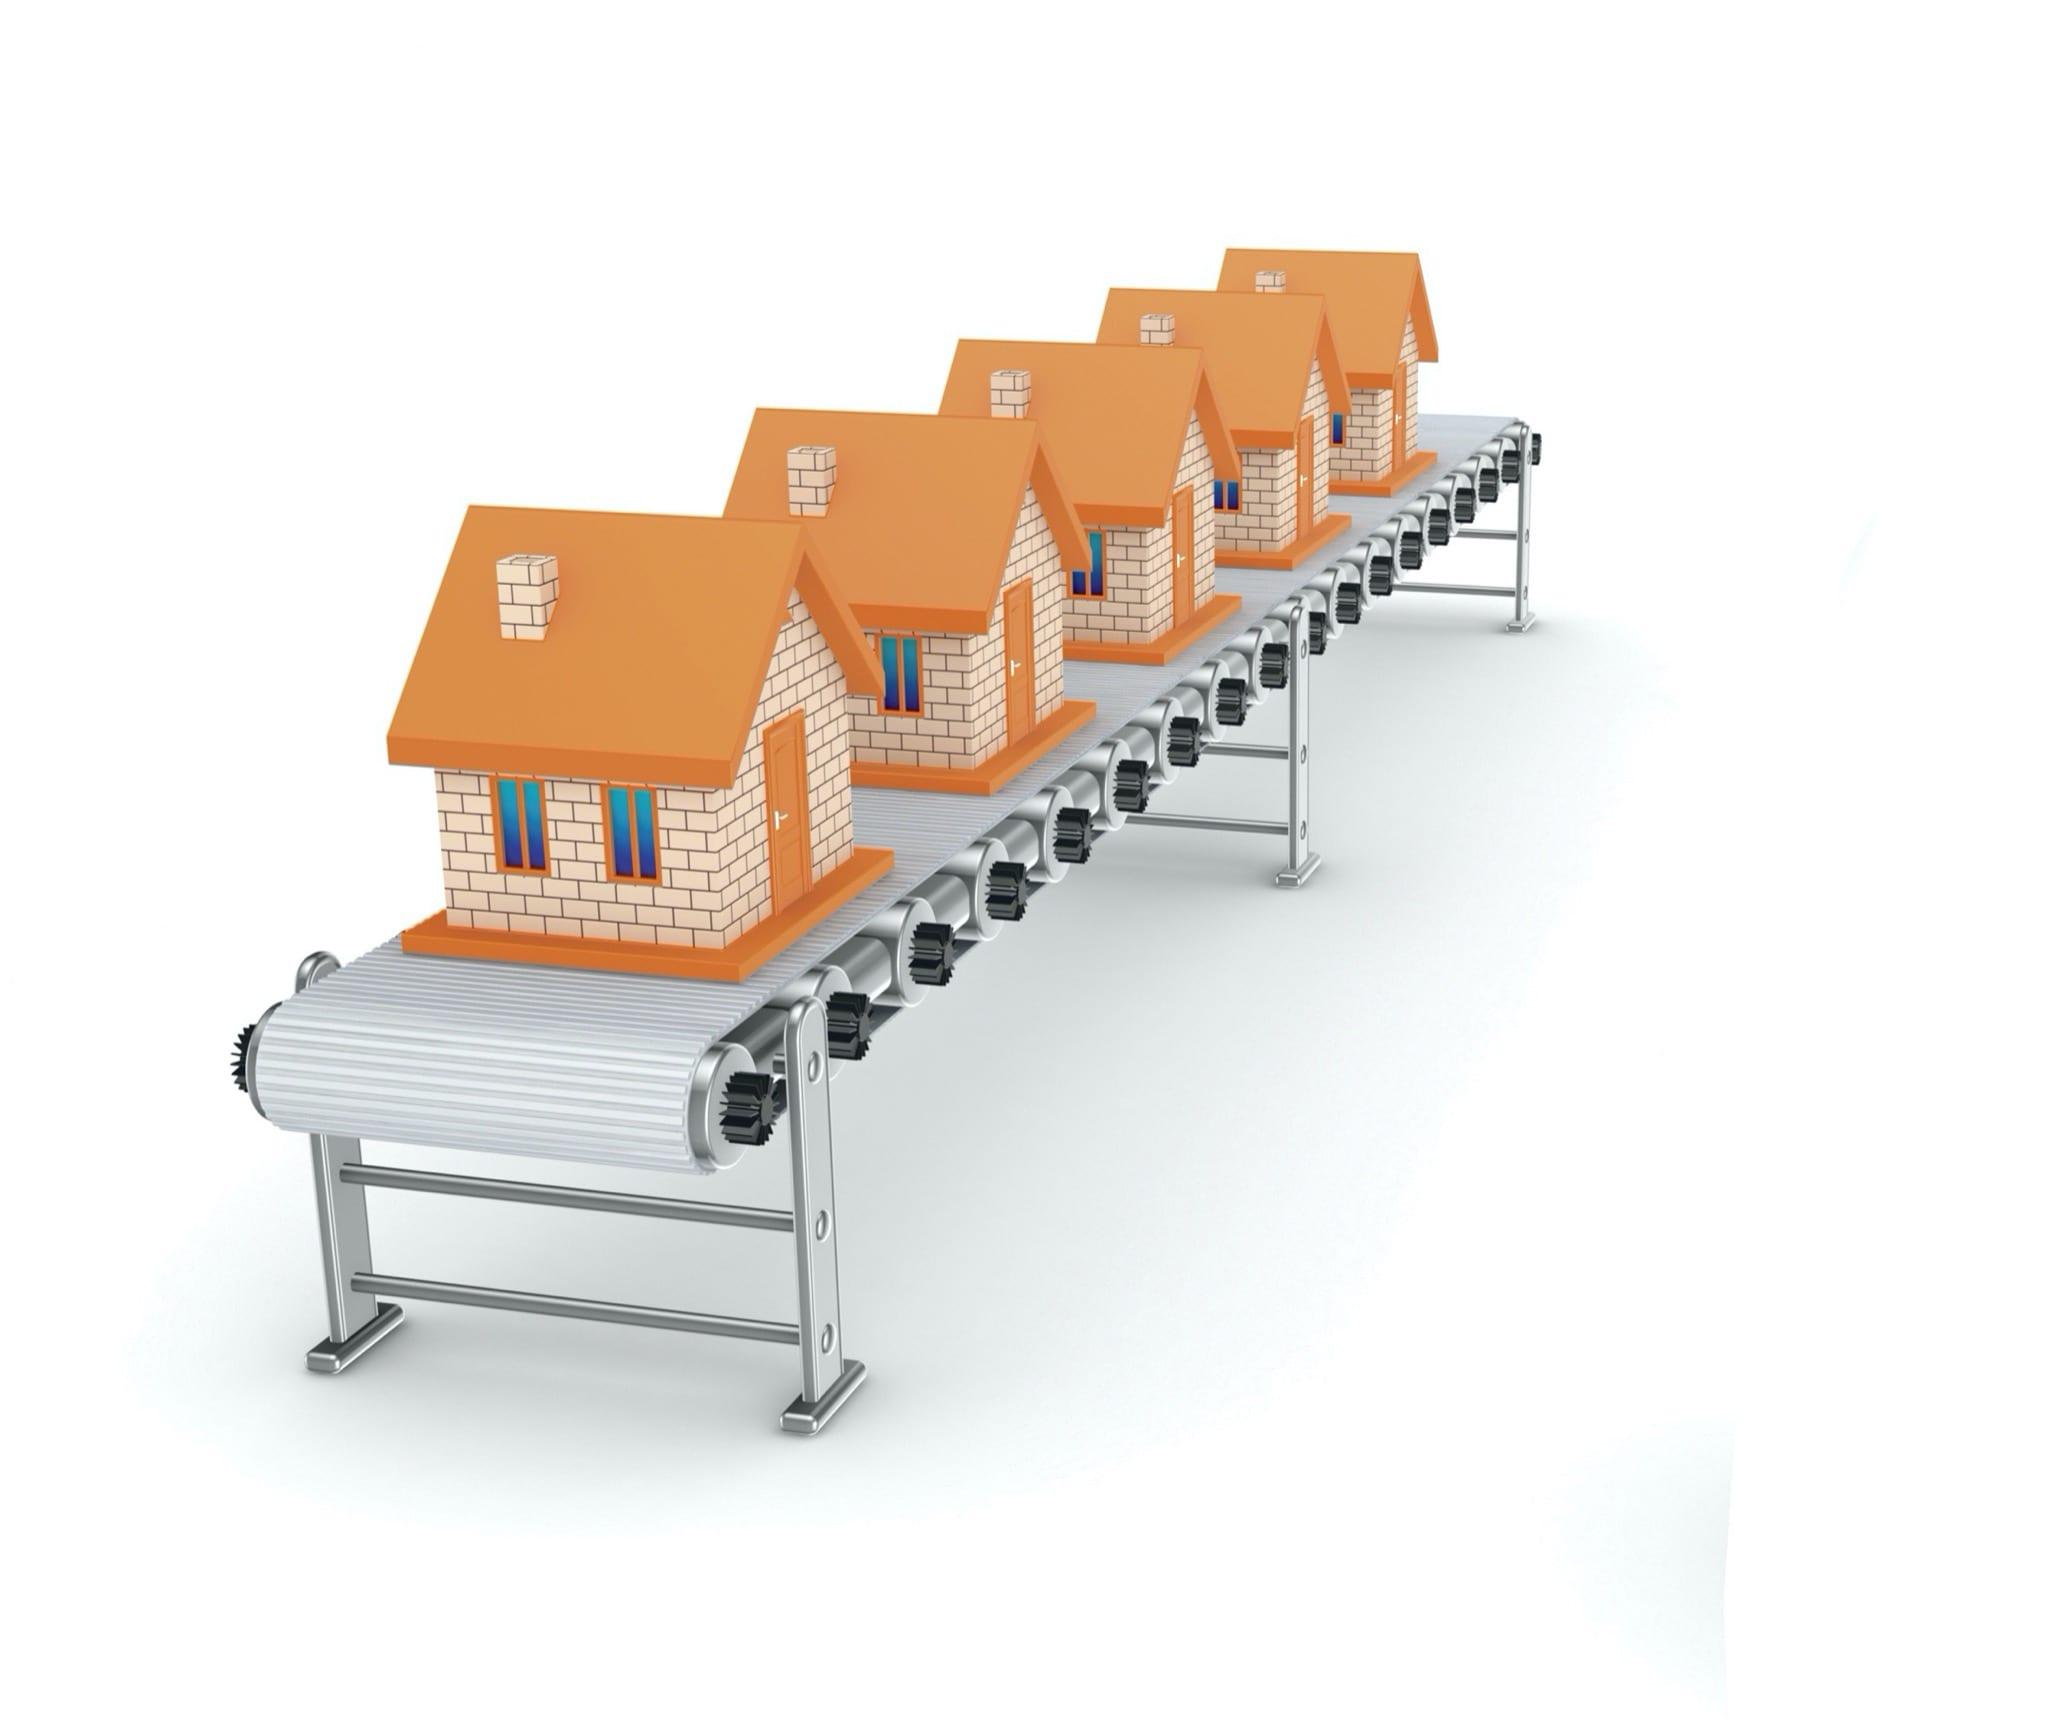 locuinte - Sectorul rezidențial, creșterea autorizărilor de construire în februarie